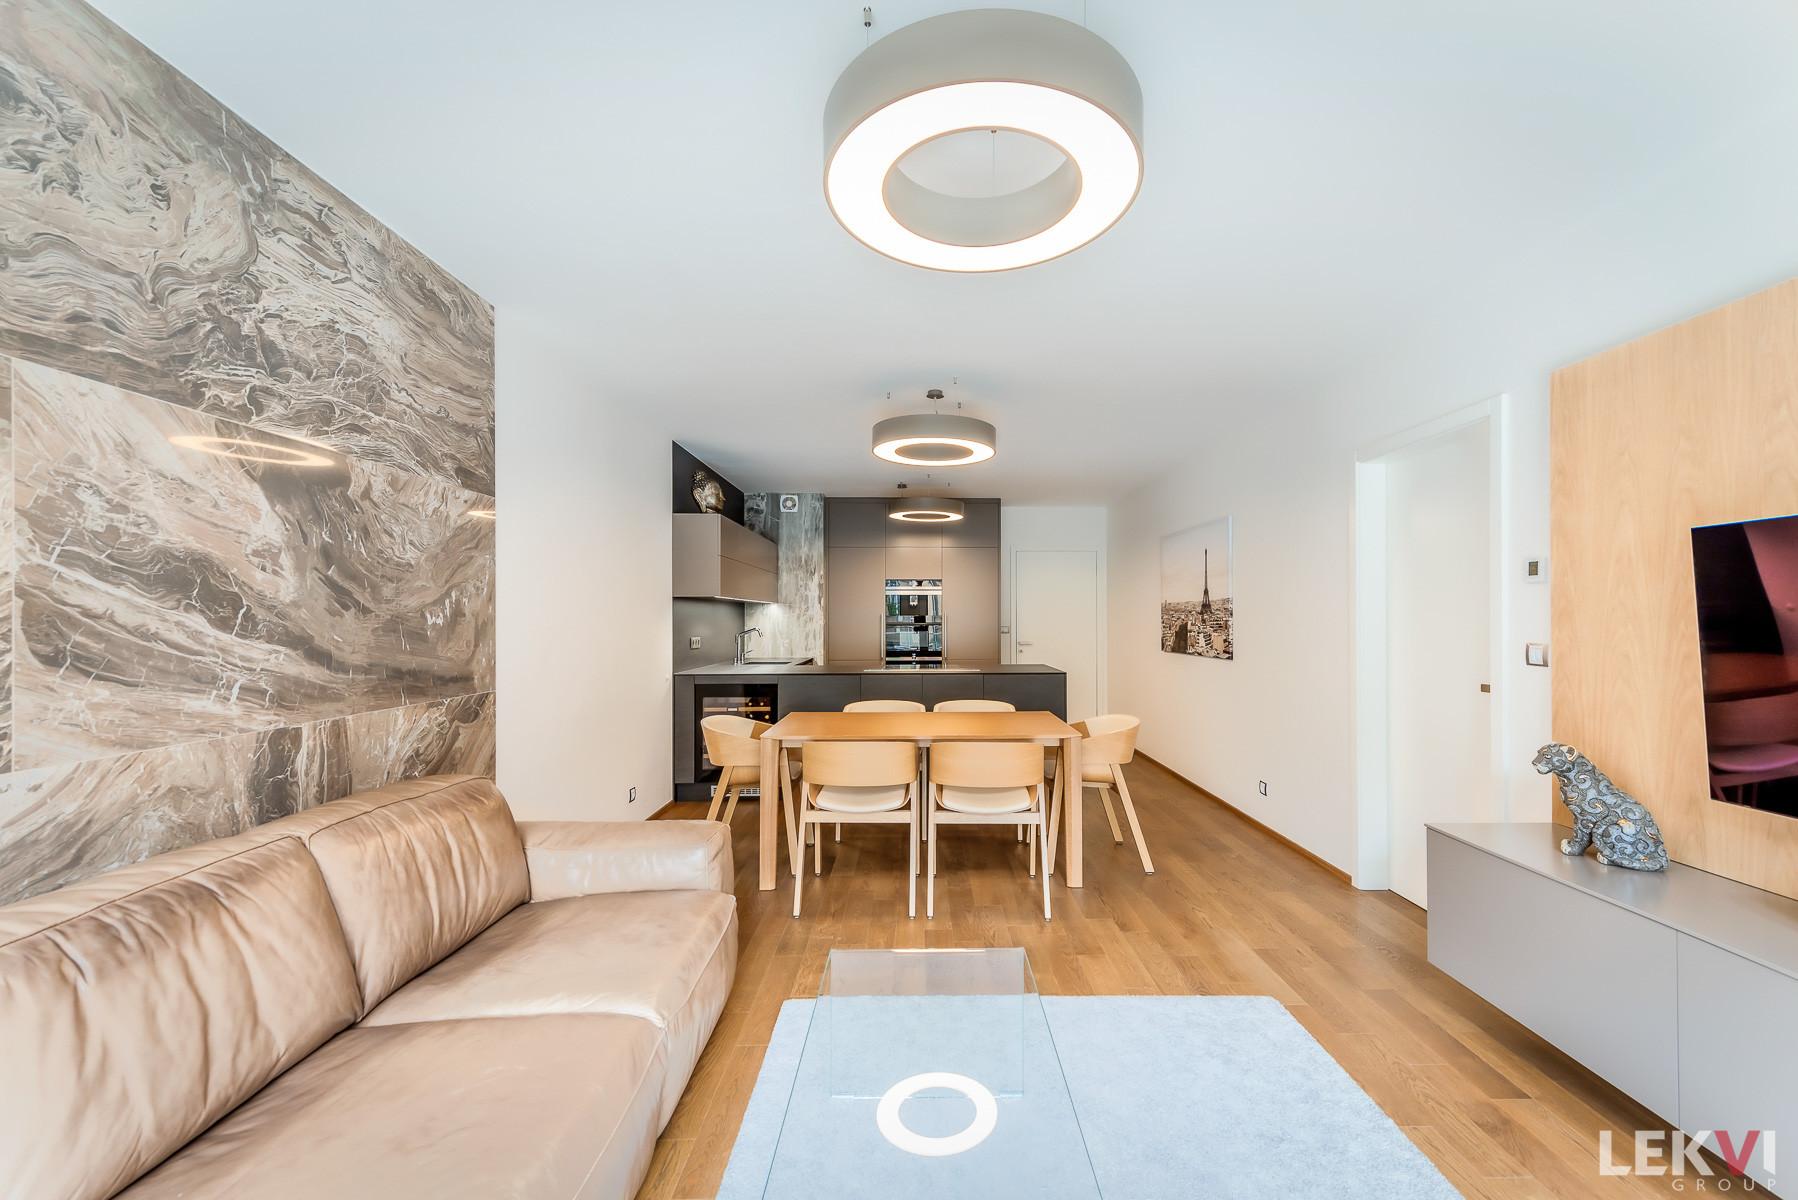 Prodej bytu 4+kk, 115 m2 - U Nikolajky, Praha 5